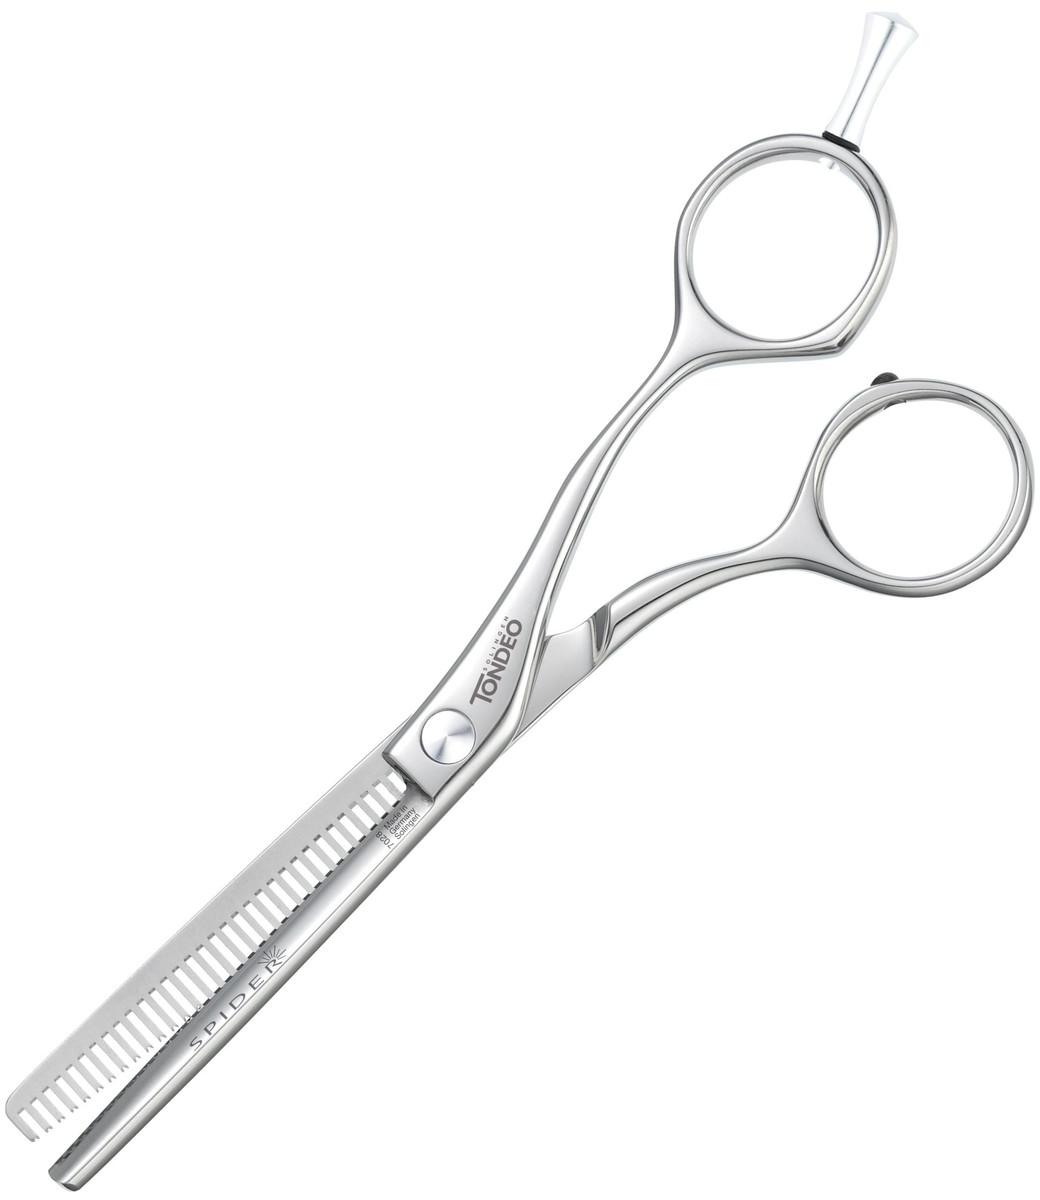 """Ножницы парикмахерскиефилировочные Tondeo Spider Shine Offset 5.25"""" Effi."""